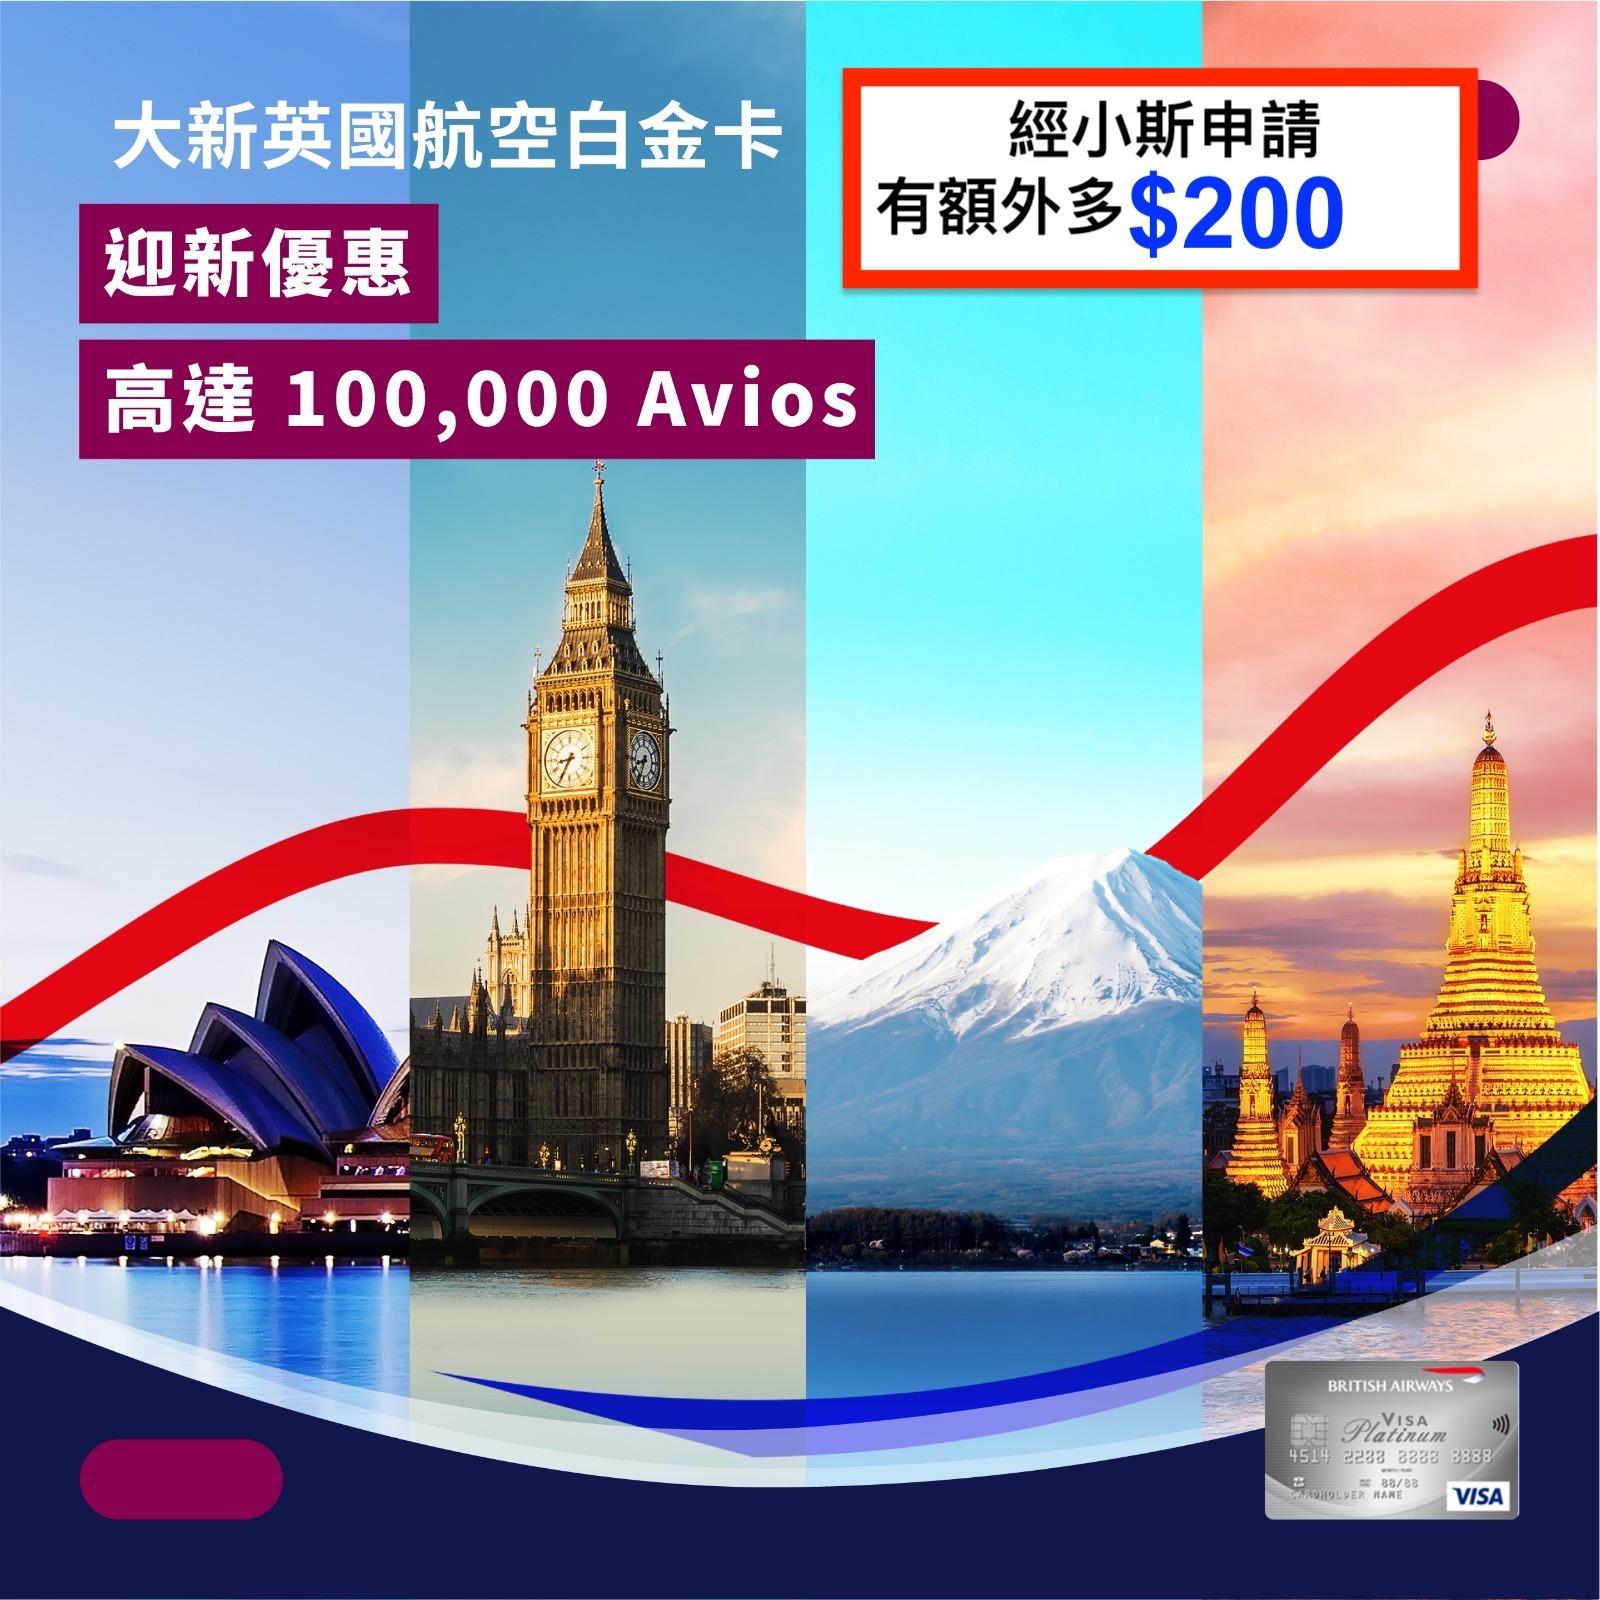 (經小斯申請有額外$200兼有大額迎新優惠) 大新英國航空白金卡迎新高達100,000Avios!全年本地簽賬HK$6/Avios!PayMe/WeChat/支付寶都有!海外HK$6/1.5Avios、生日HK$6/2Avios!去機場PCC仲有買$25折$25!